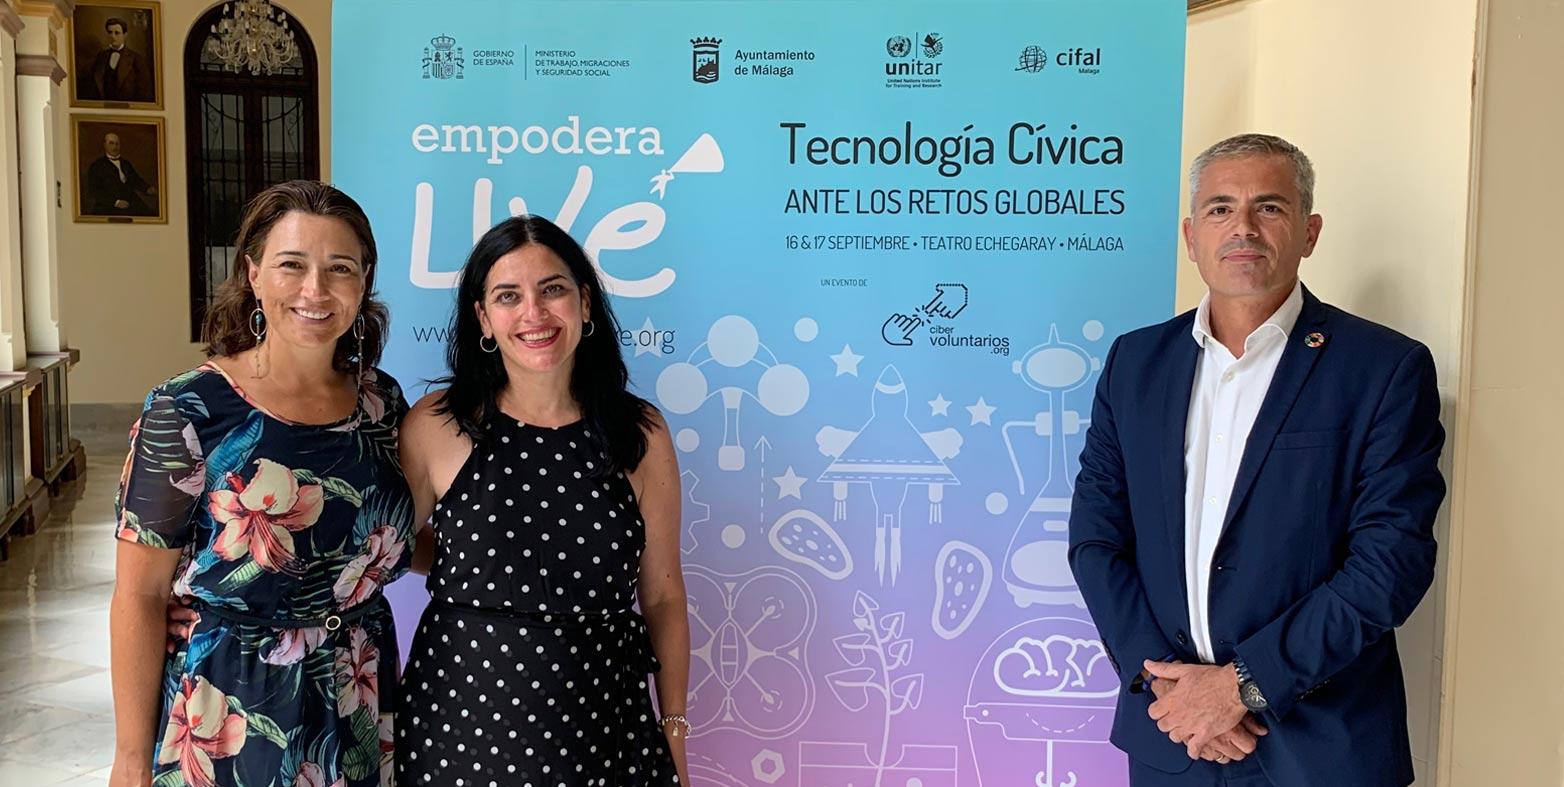 Málaga, punto de encuentro para expertos mundiales en tecnología cívica ante los retos globales con EmpoderaLIVE